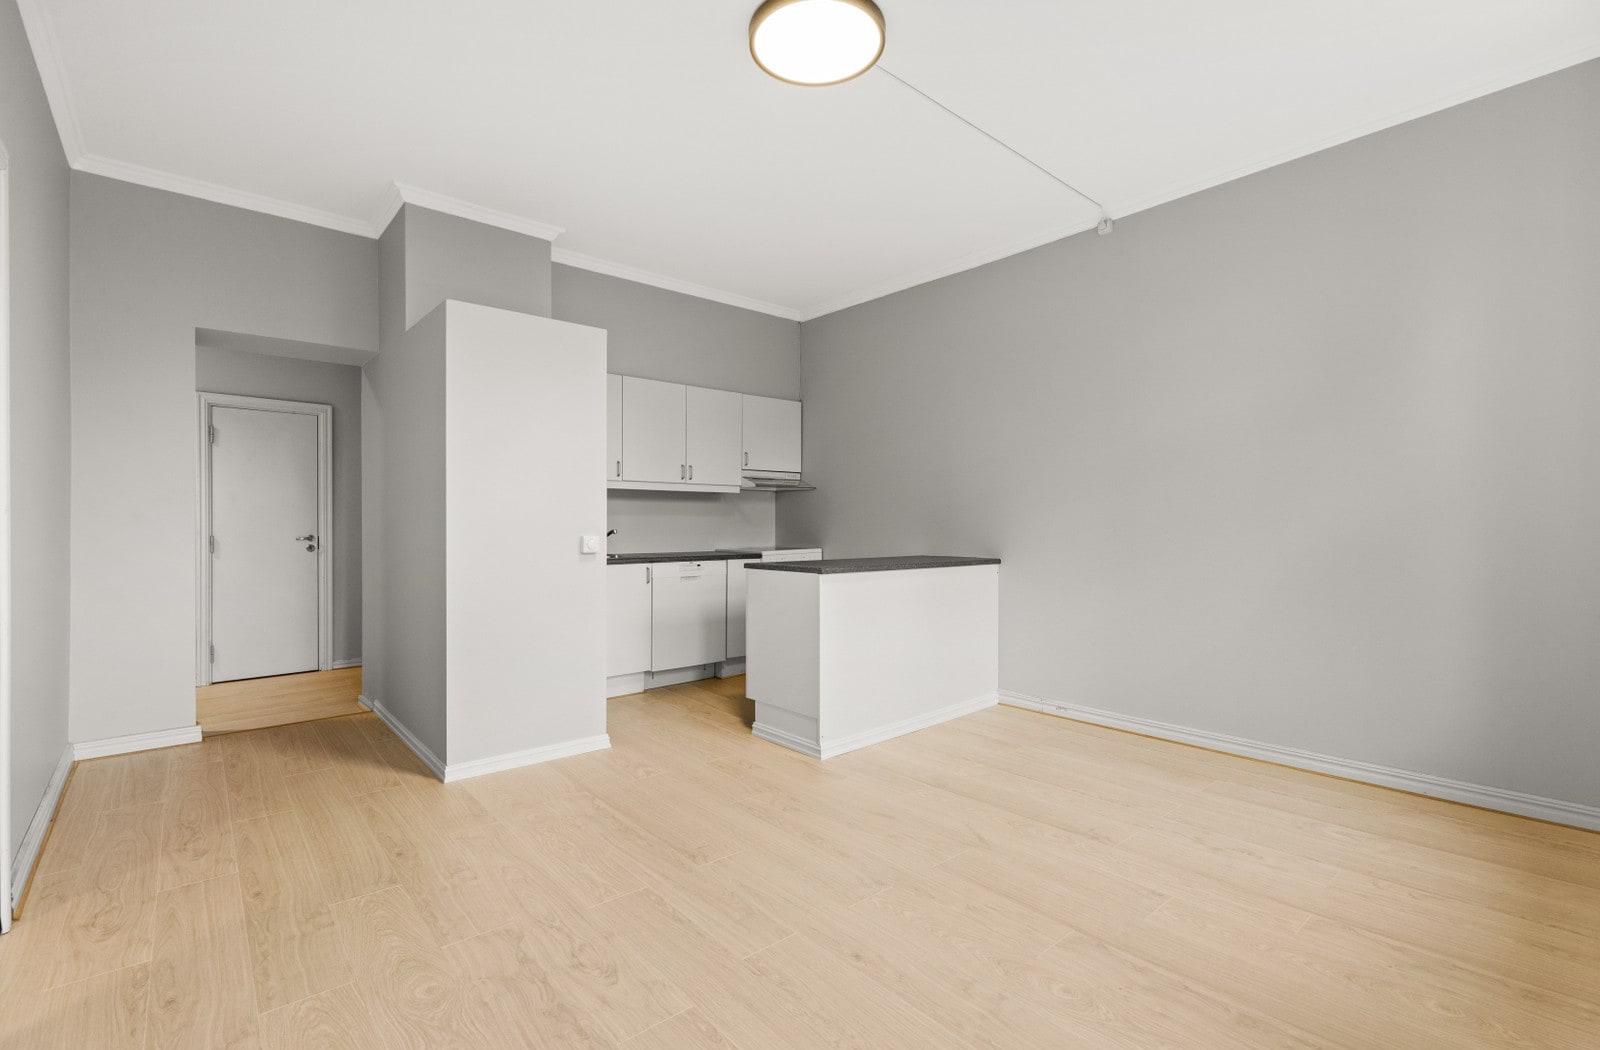 Kjøkken/stue (Bilder av tilsvarende leilighet i 3.etasje)